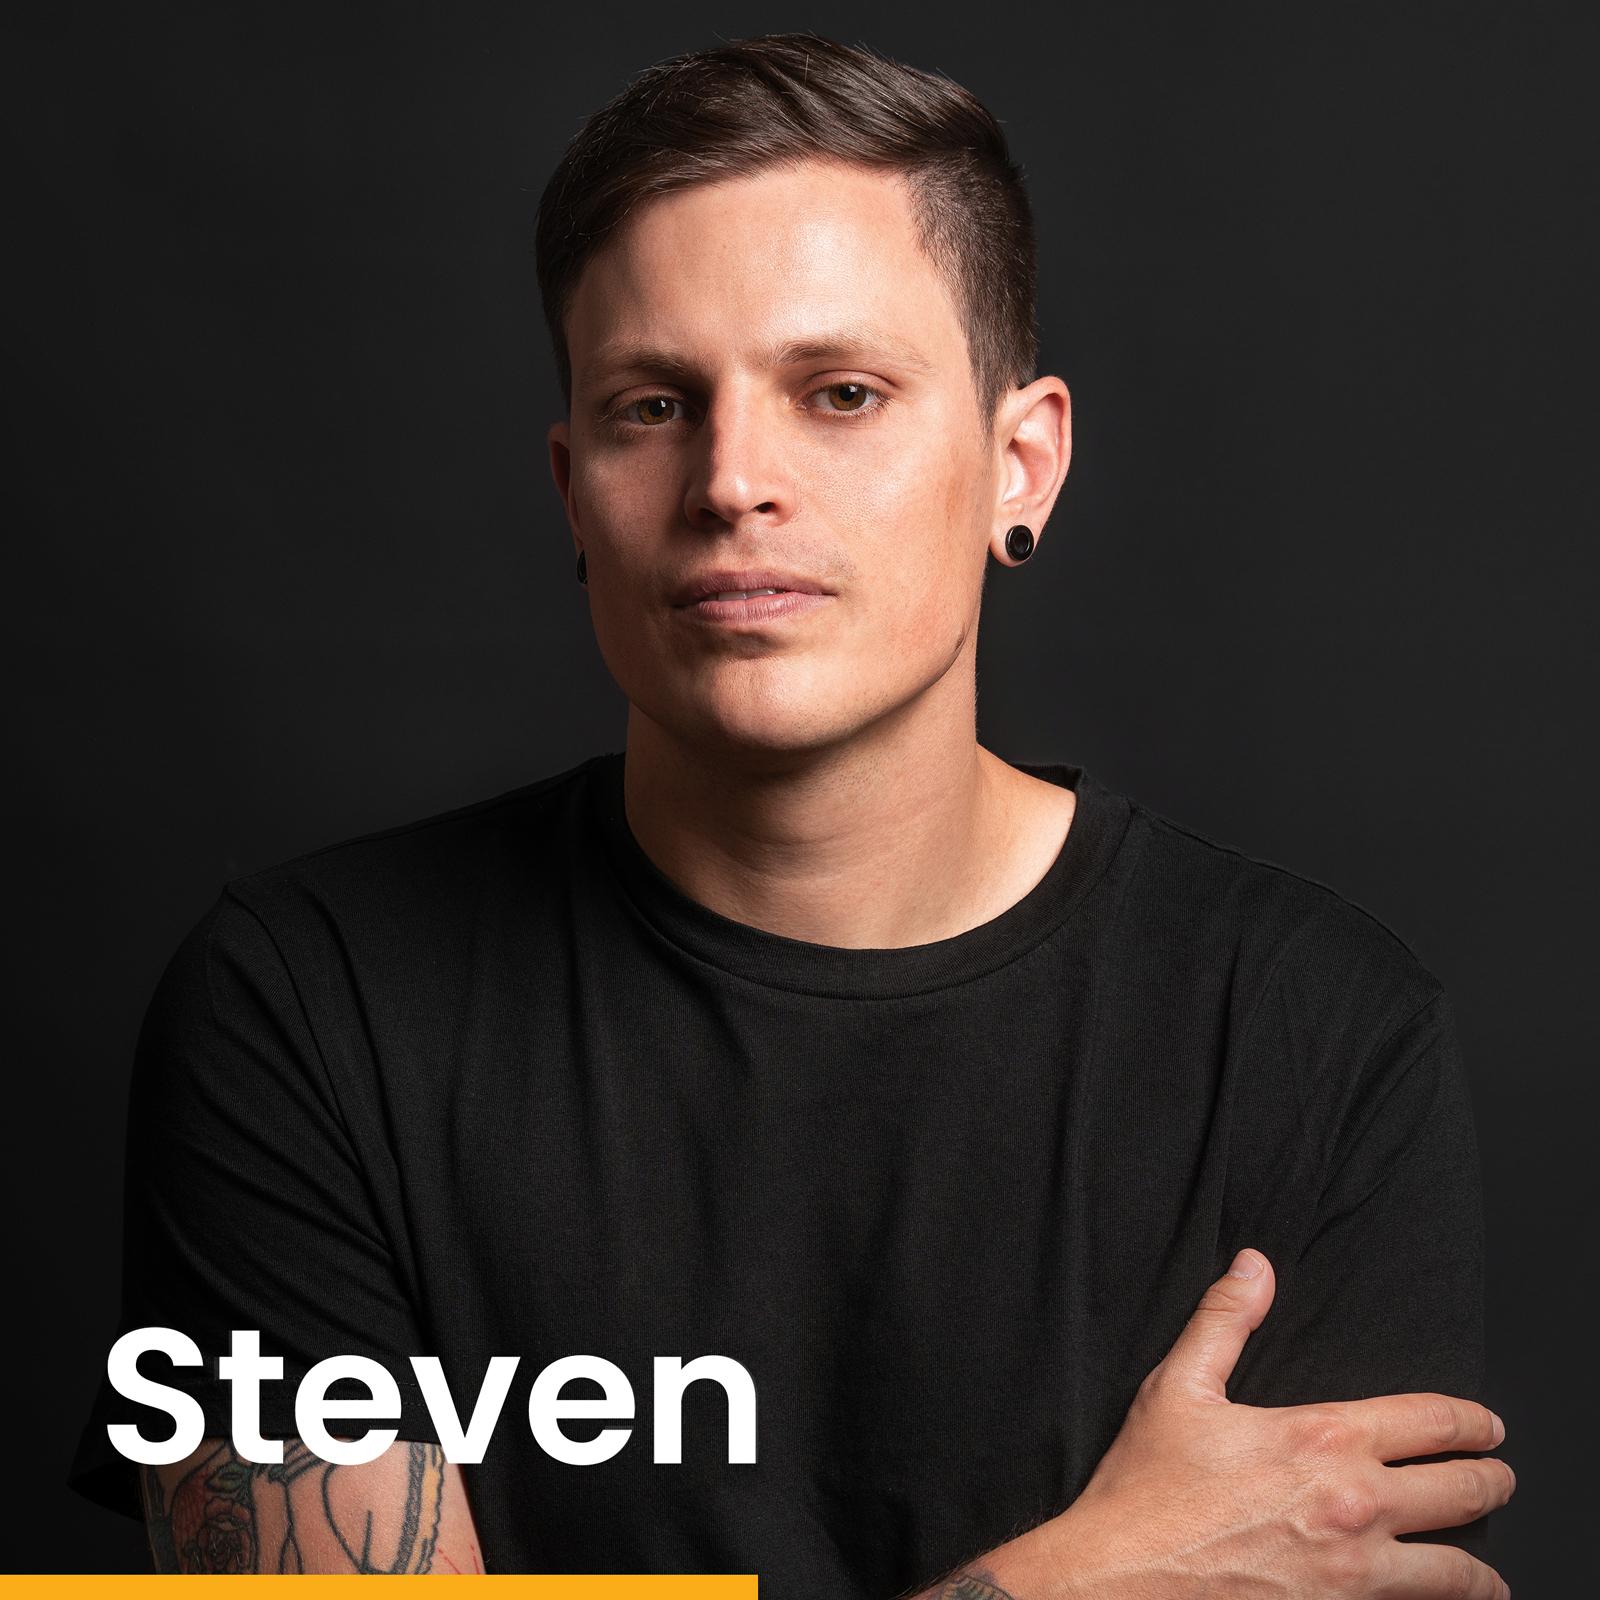 Steven Megerle - Inhaber und Grüner von new media labs